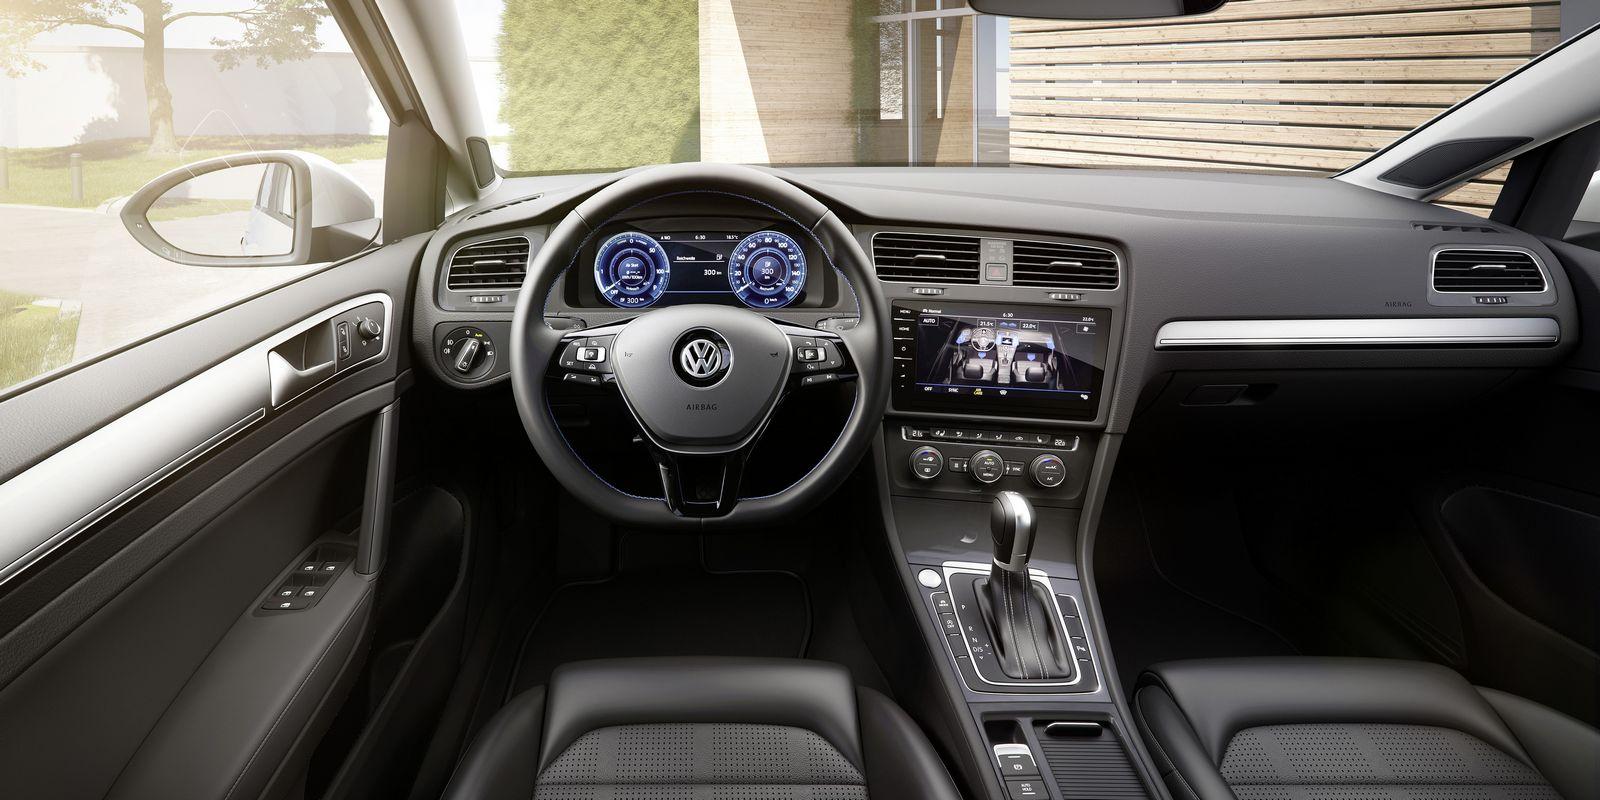 VW e-golf электромобиль интерьер